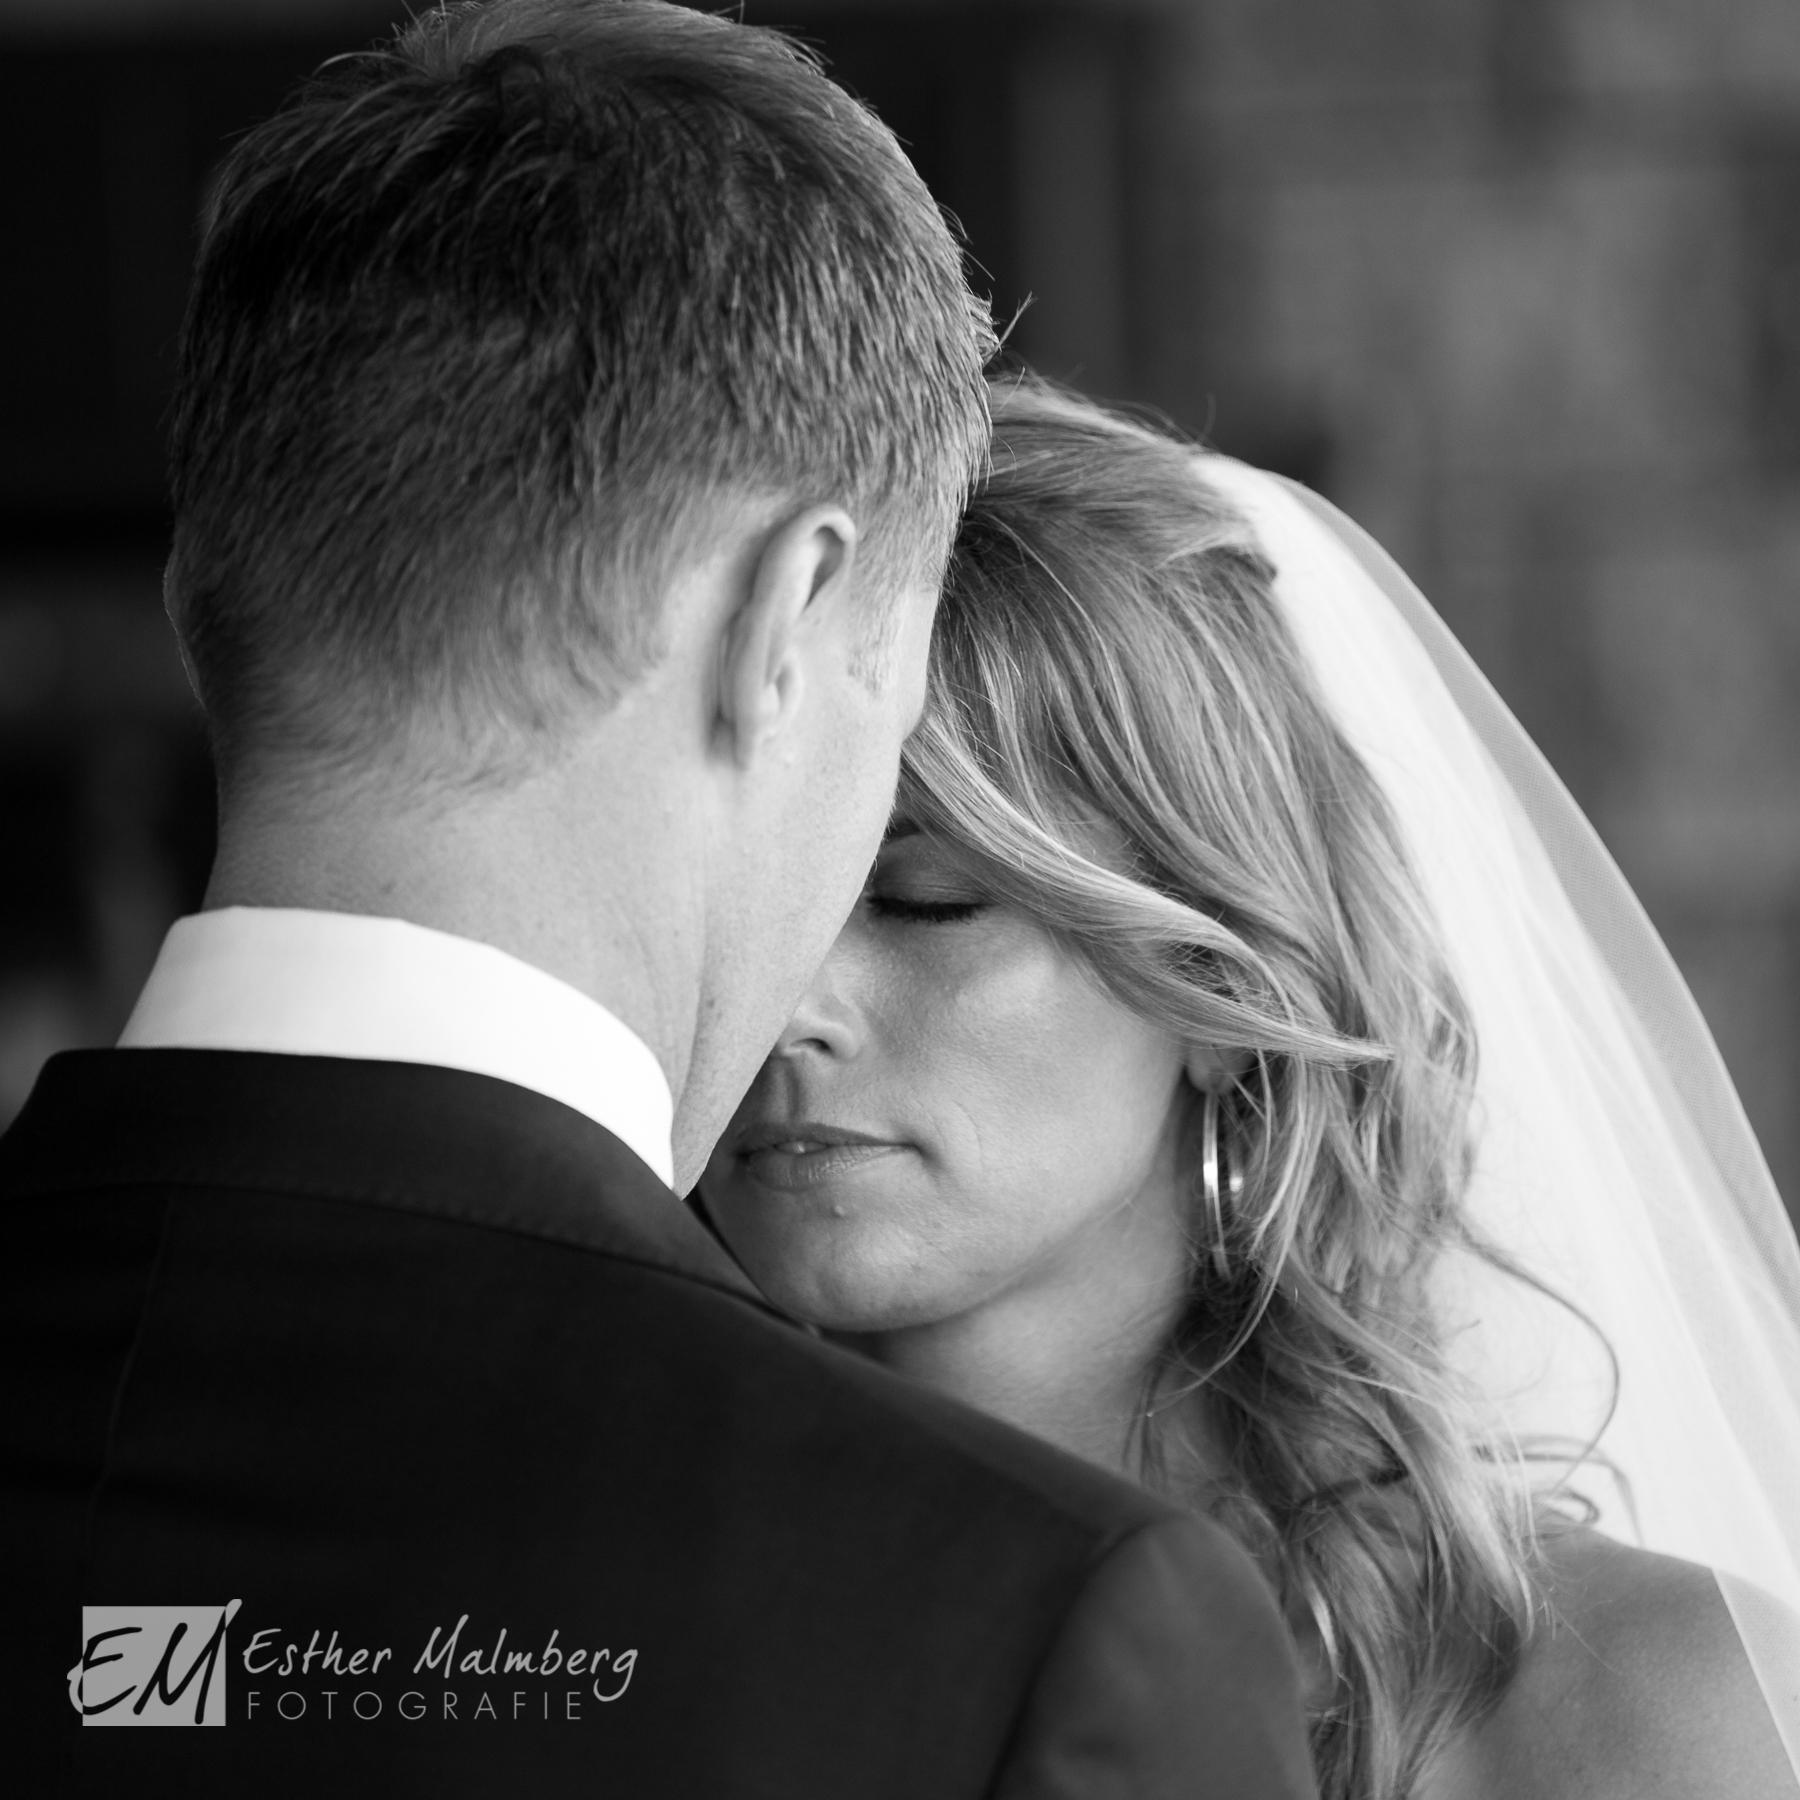 Liefdevolle foto van bruid en bruidegom - Bruidsreportage Esther Malmberg Fotografie Gouda